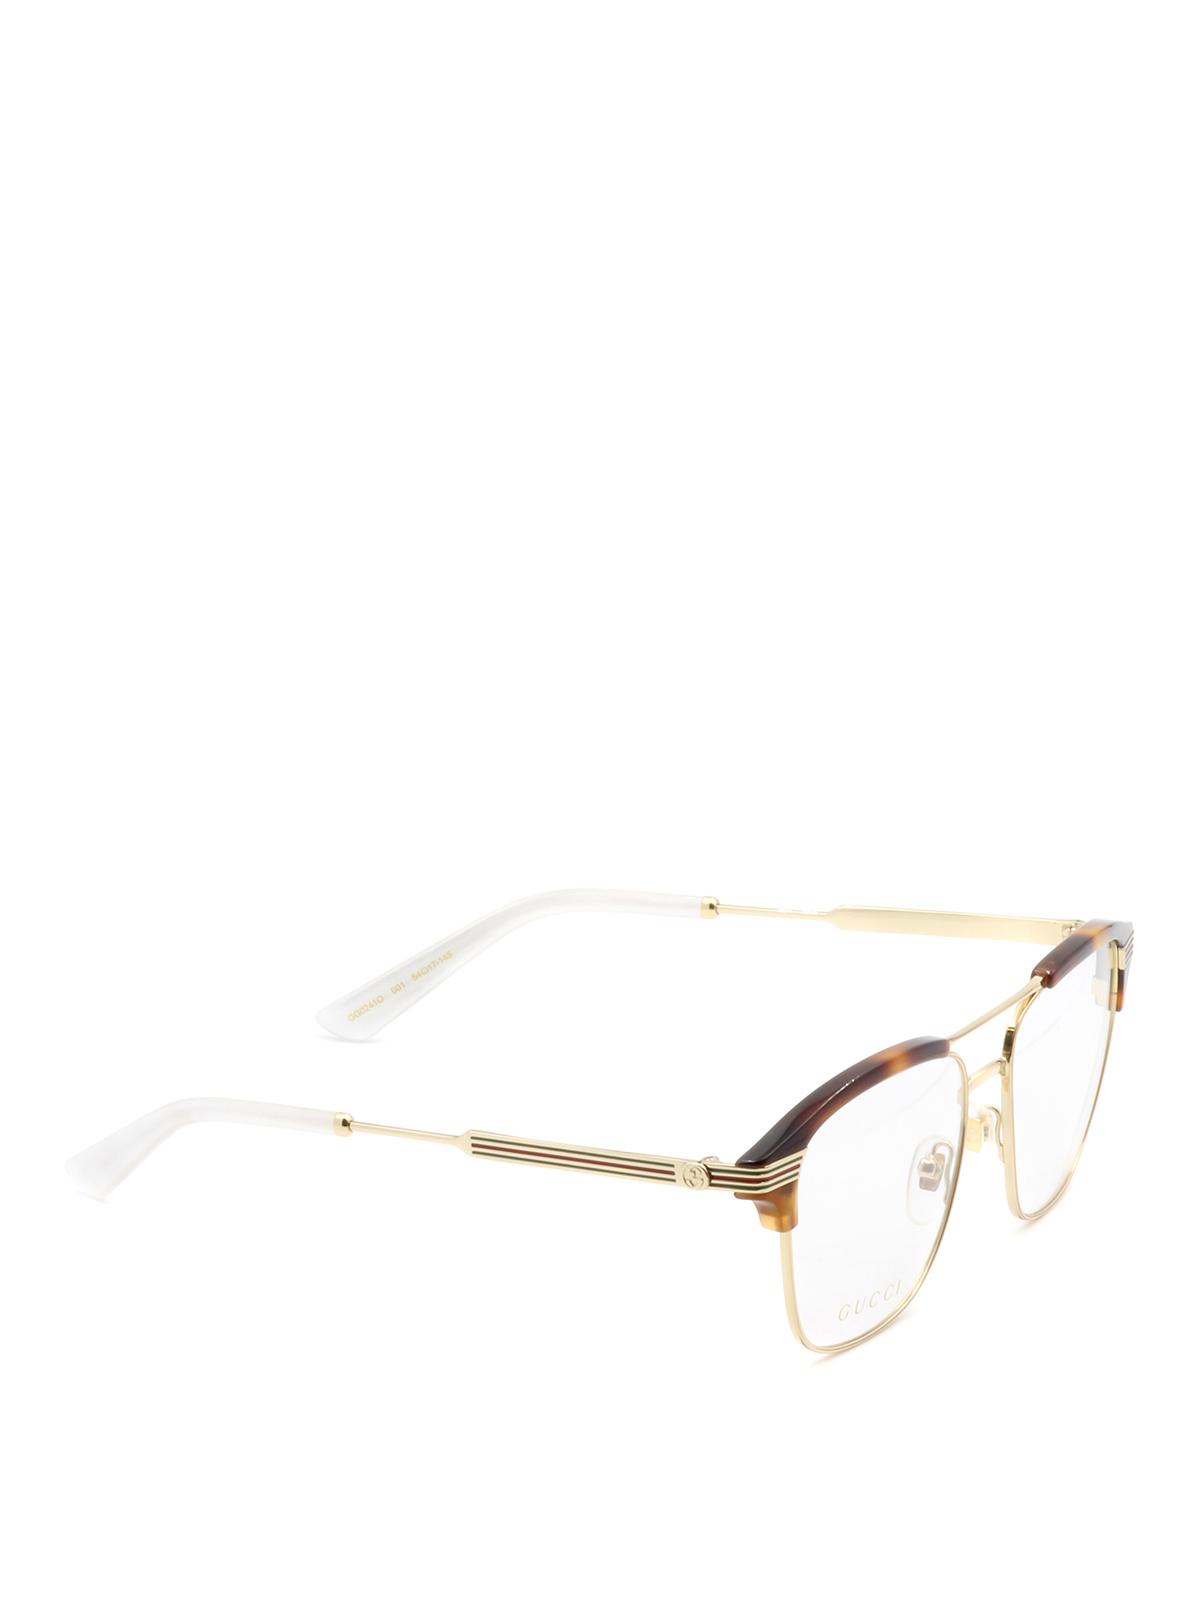 auf großhandel Kauf echt am besten bewertet neuesten Gucci - Brillen - Gold - Brillen - GG0241O1 | iKRIX Shop online